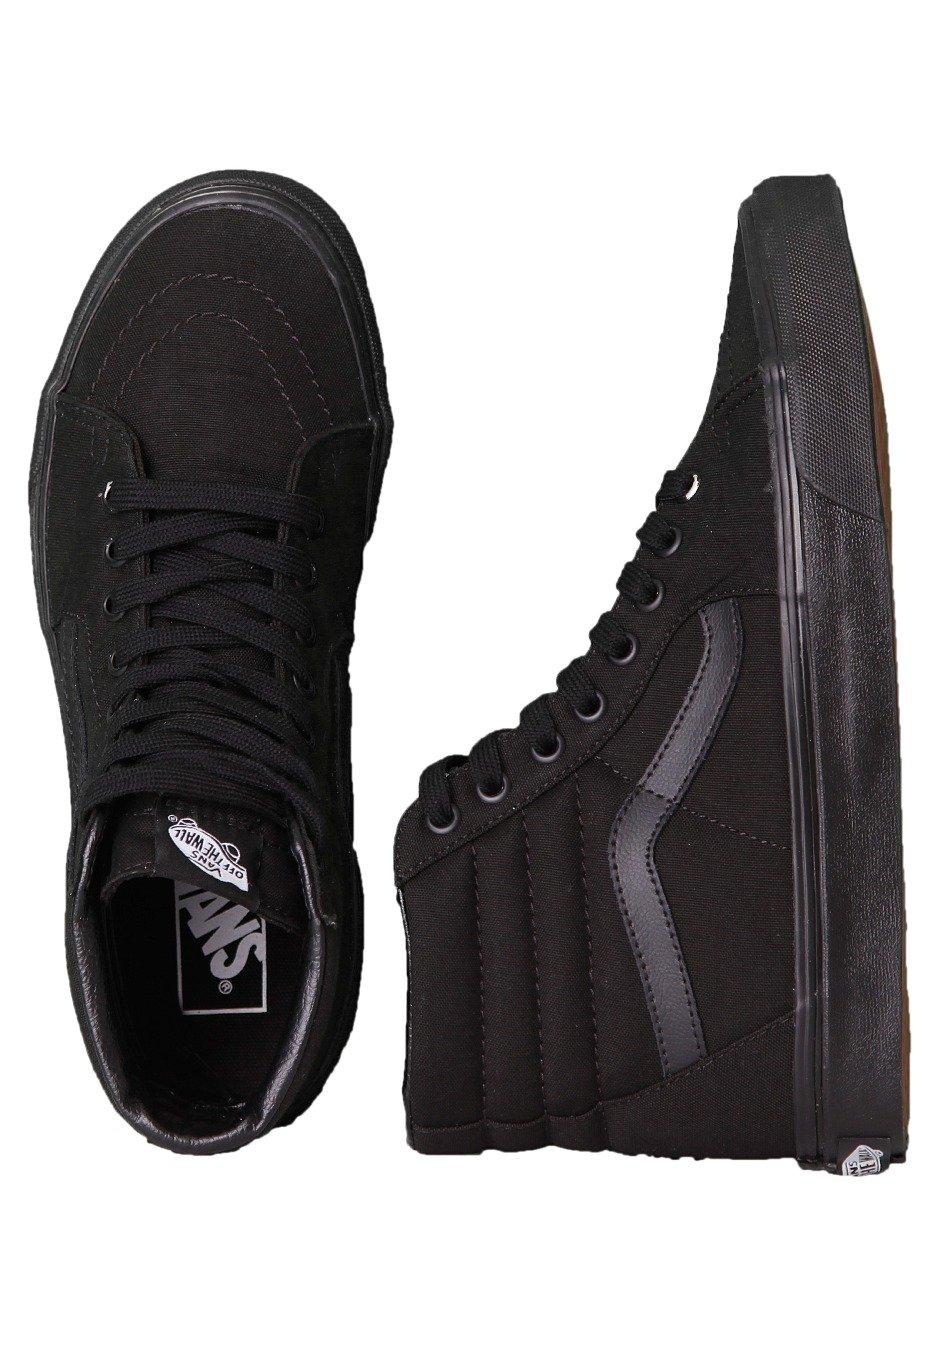 72e331945b Vans - Sk8-Hi Black Black Black - Girl Shoes - Impericon.com UK